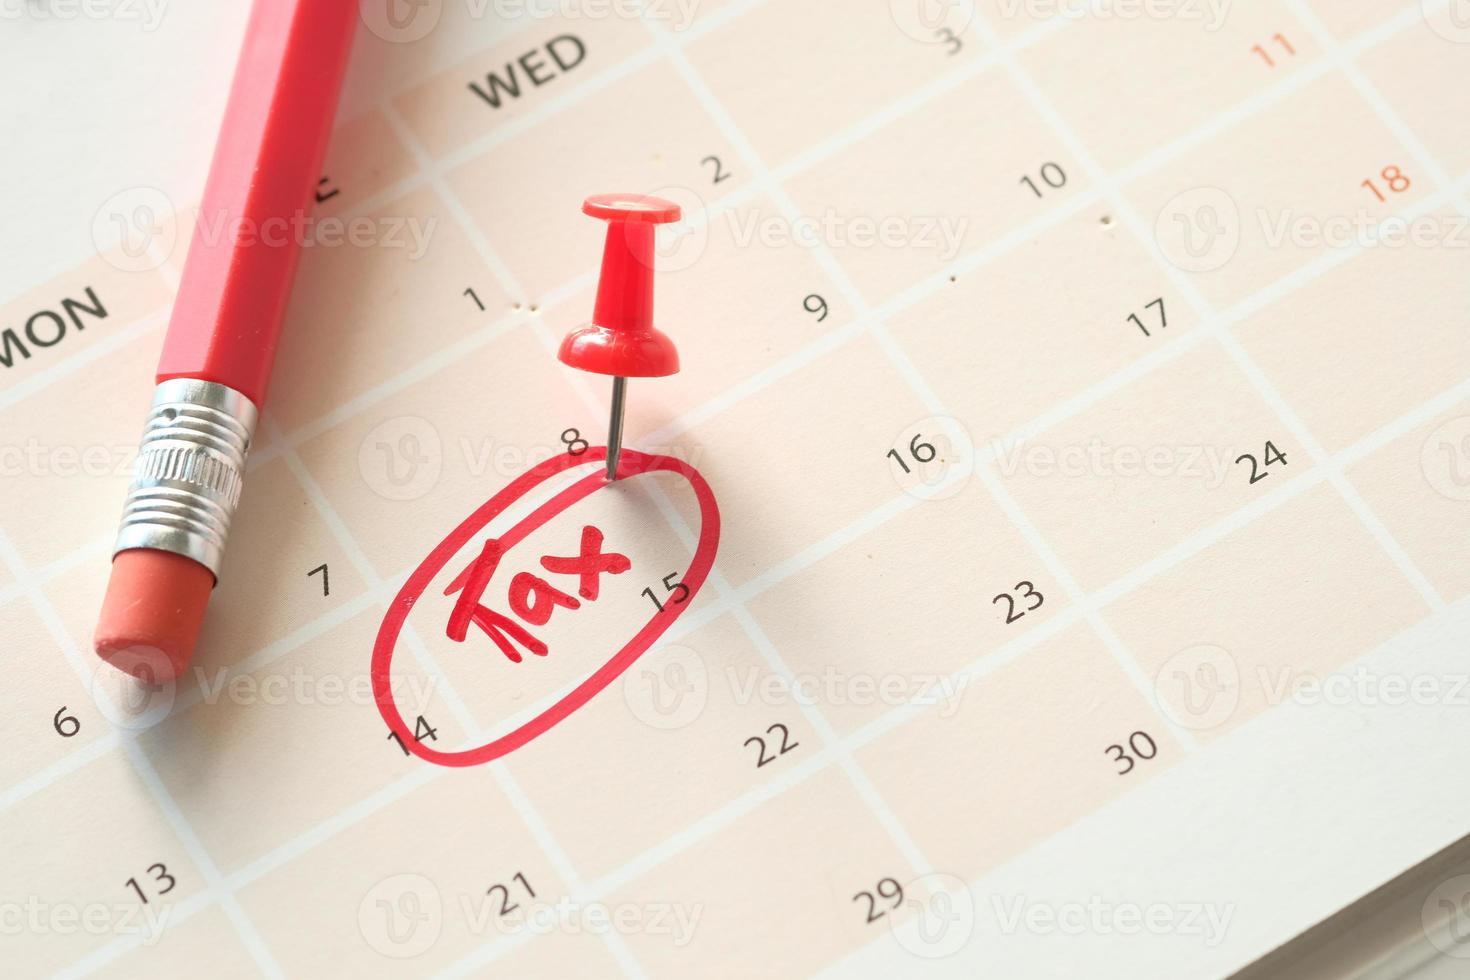 belastingdag concept met rode cirkel op kalenderdatum foto